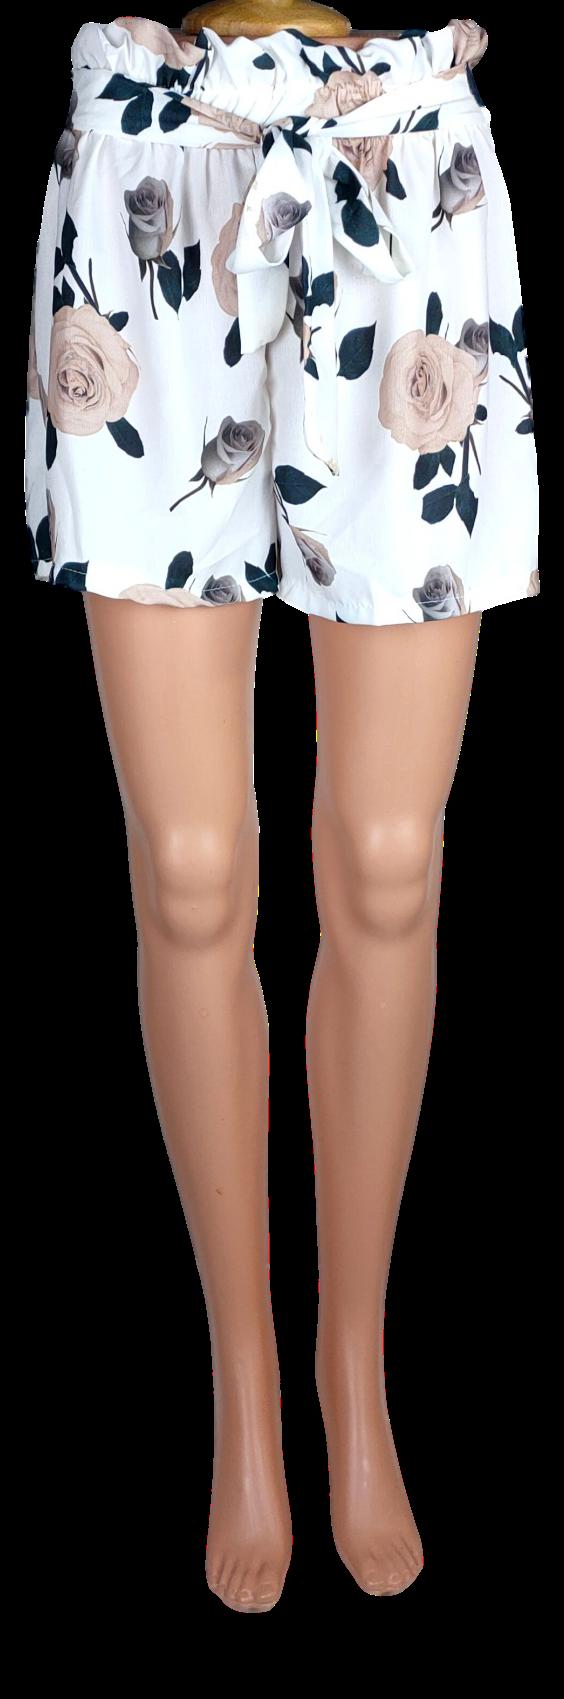 Short Sans marque - Taille 34